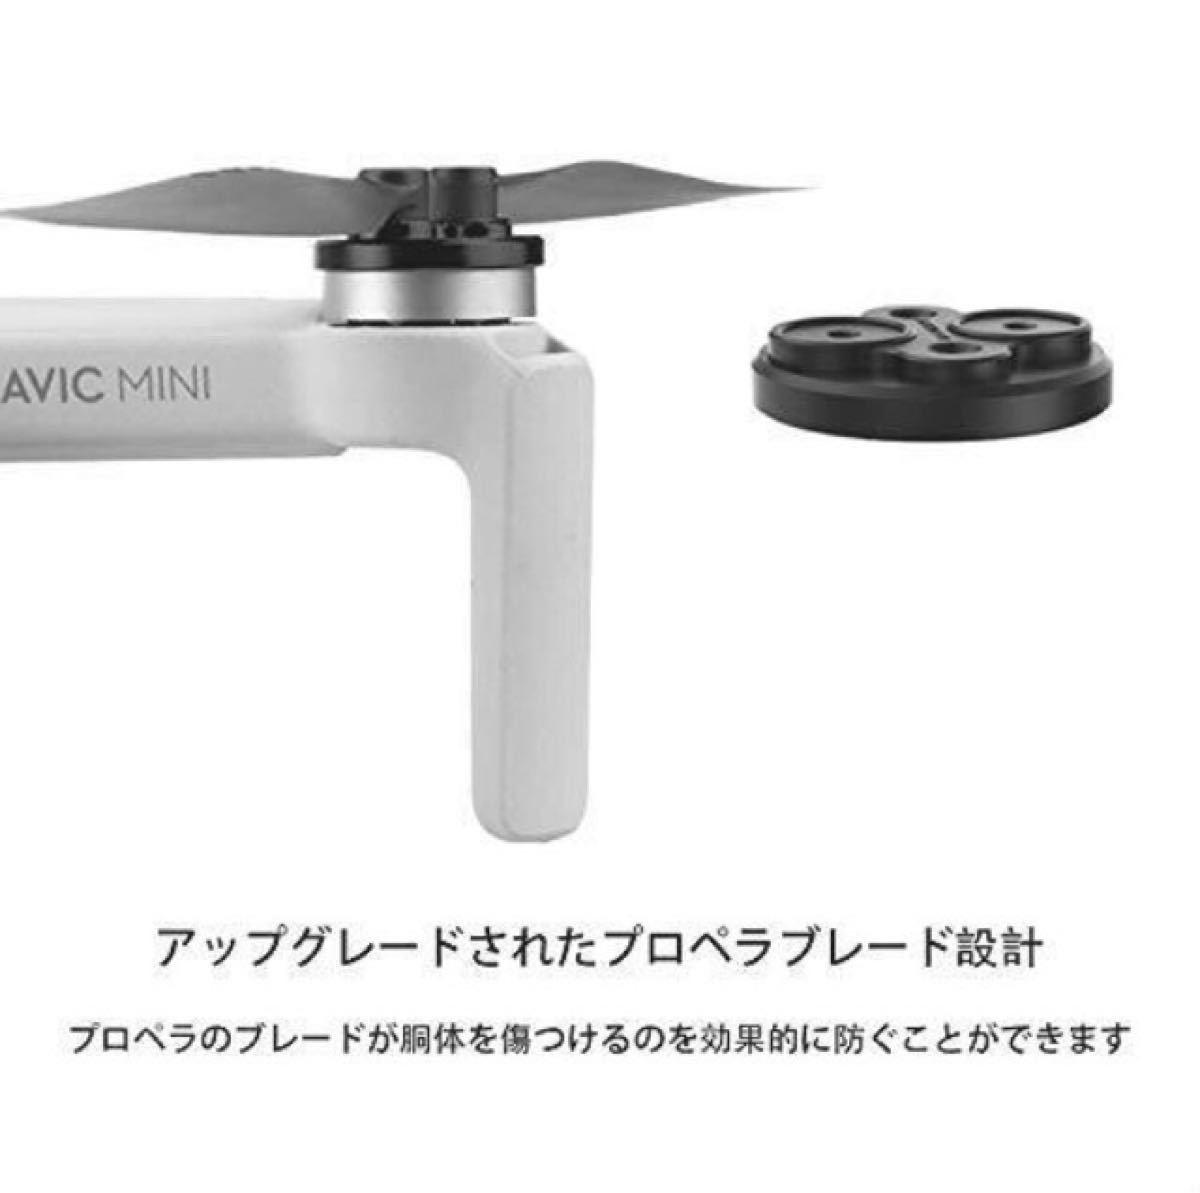 DJI Mavic mini用 アルミモーターカバー アップグレード版 ブラック